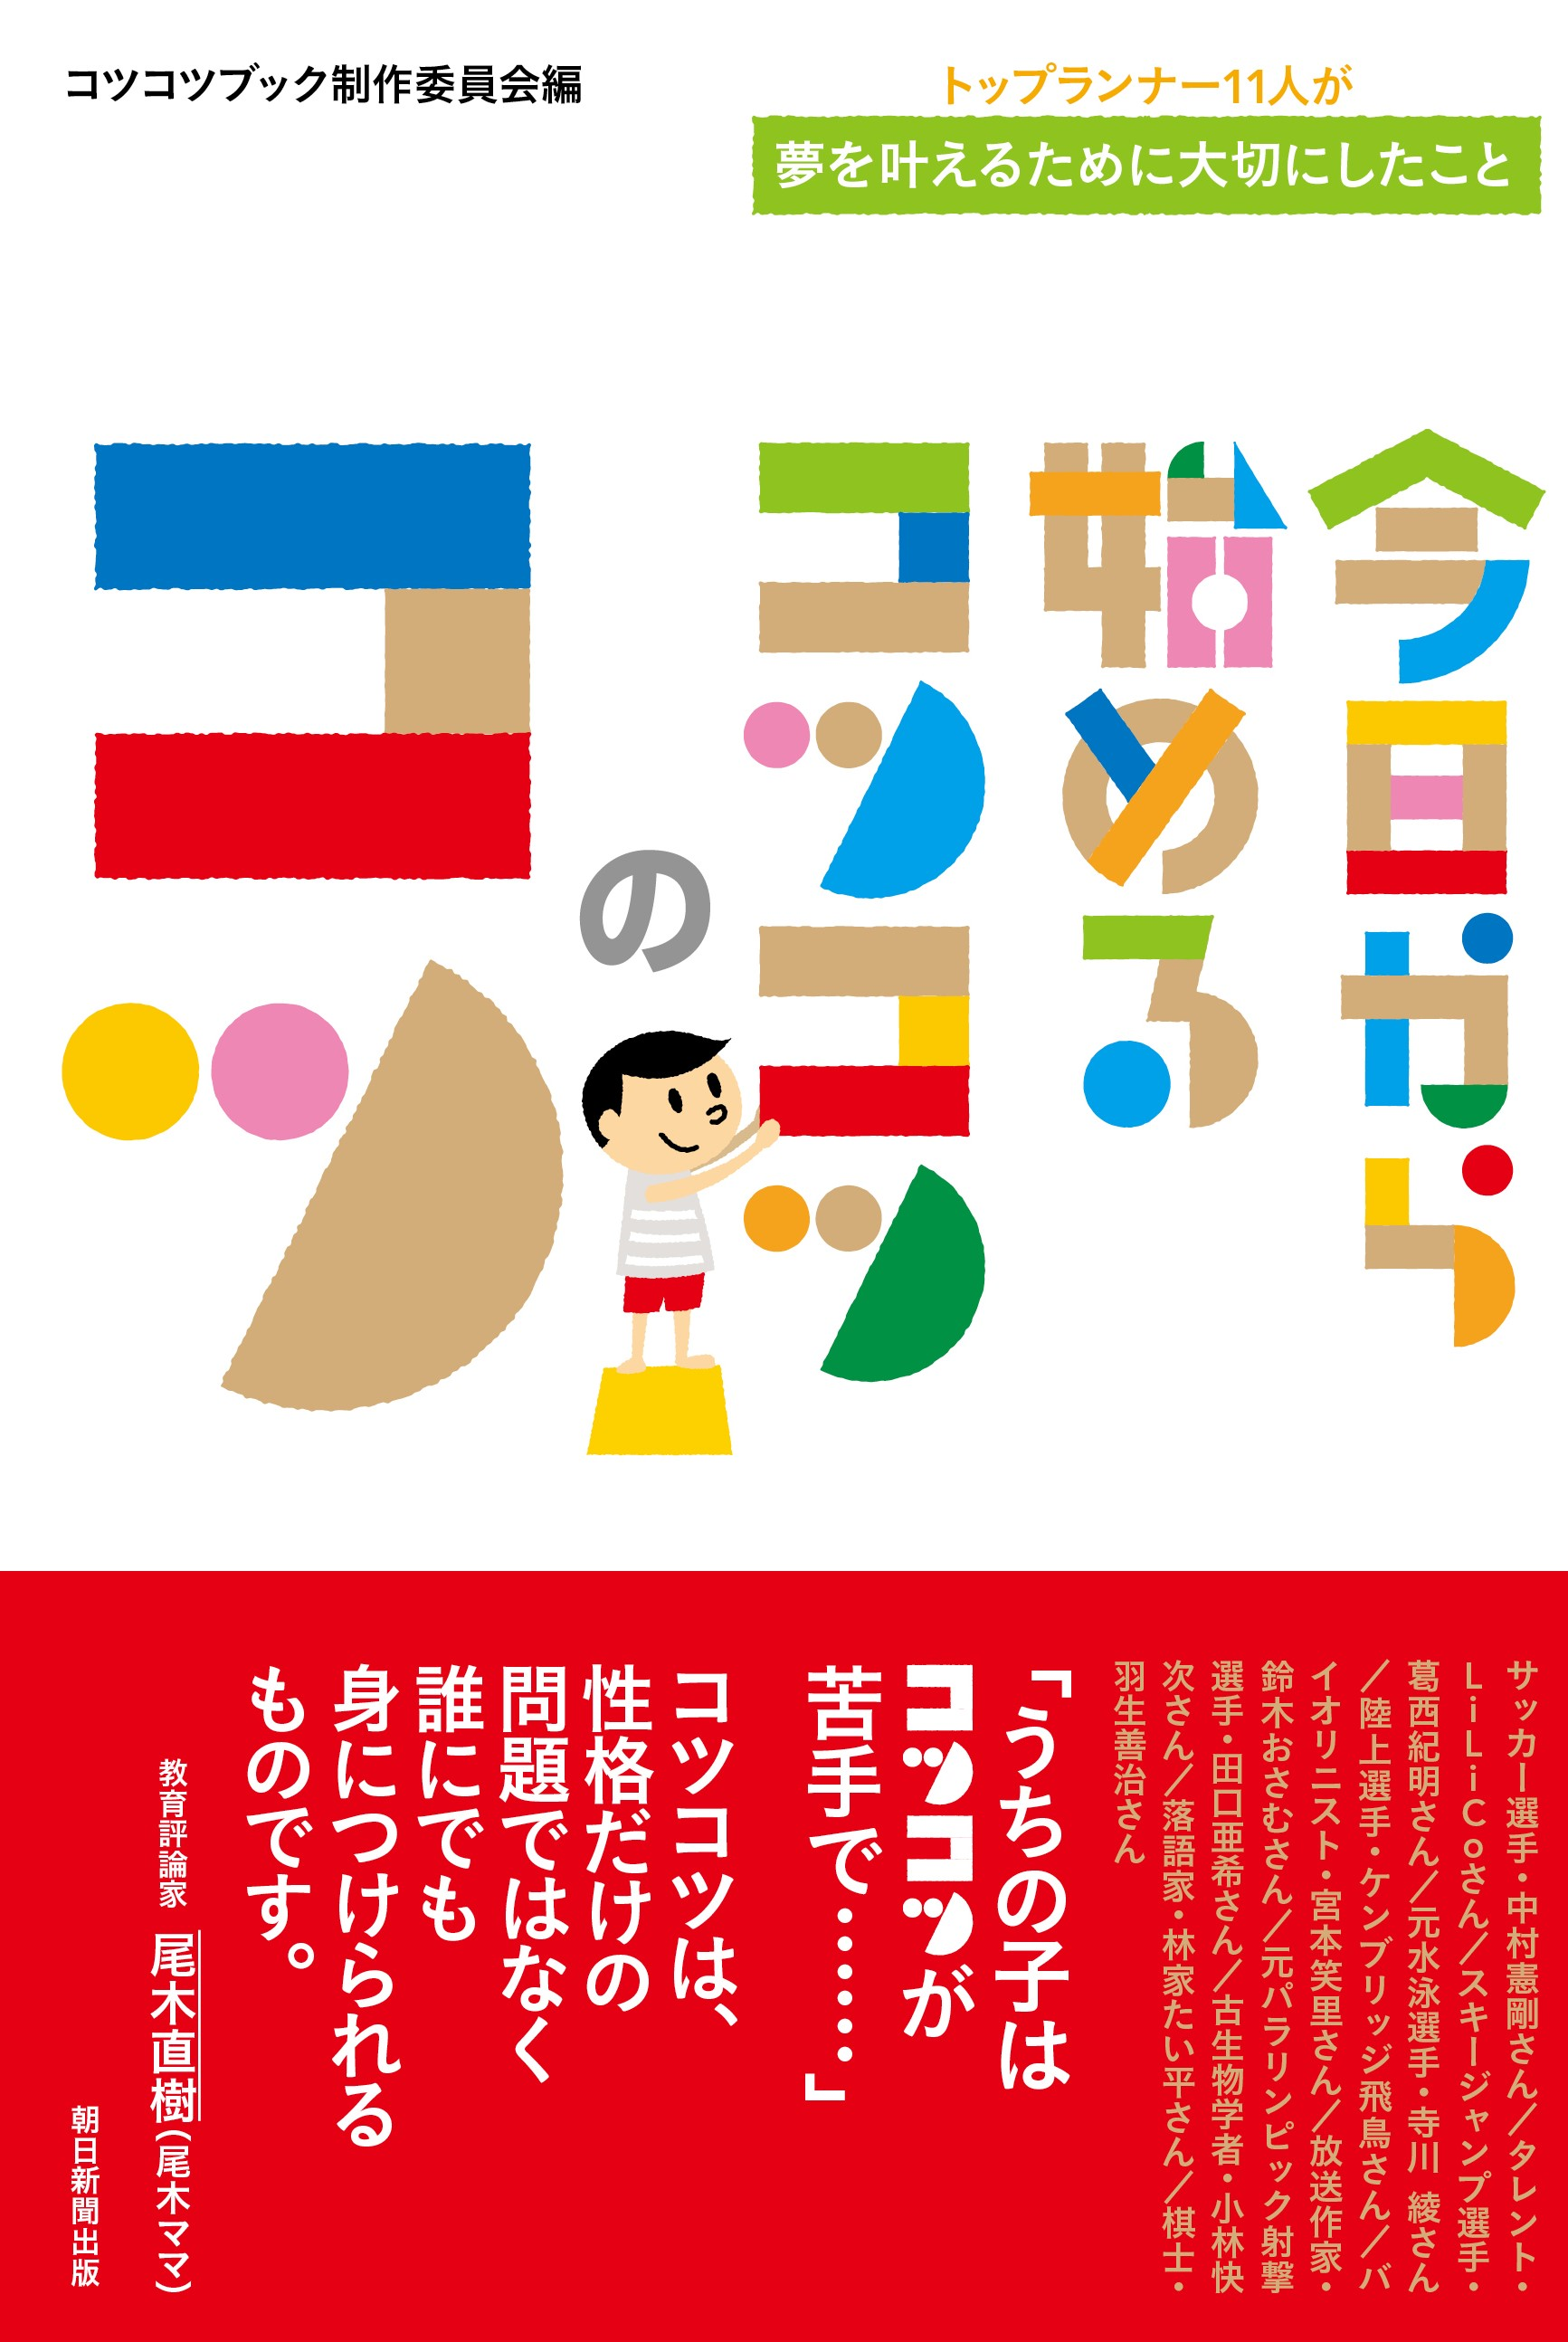 「コツコツプロジェクト」を展開するTANAKAホールディングス 書籍『今日から始めるコツコツのコツ』を2020年7月7日(火)に発売